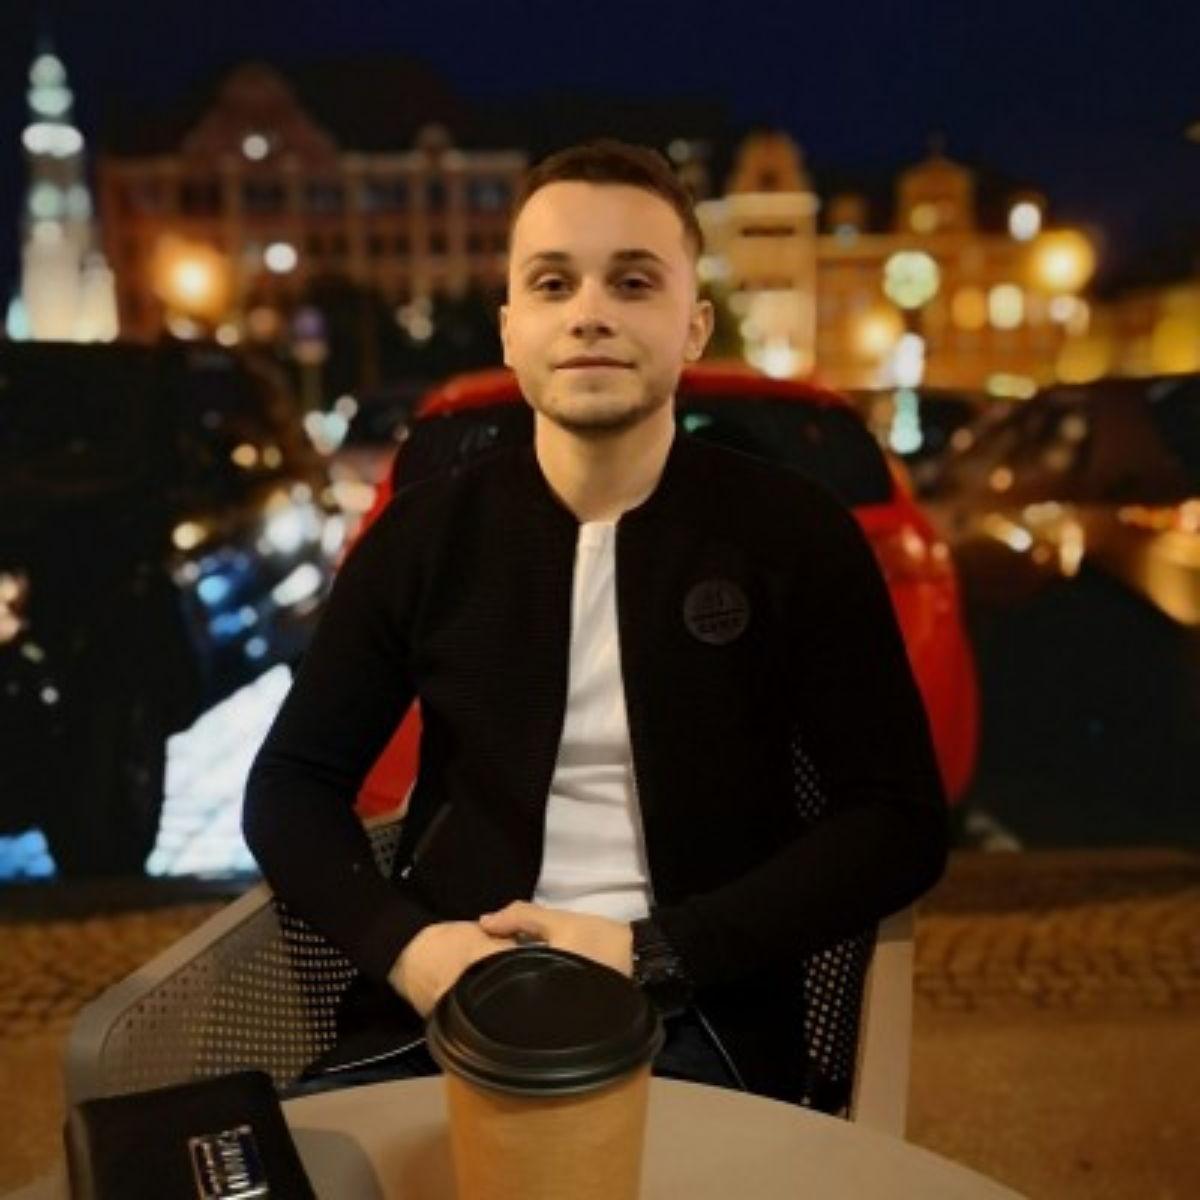 Dmytro Kharchenko